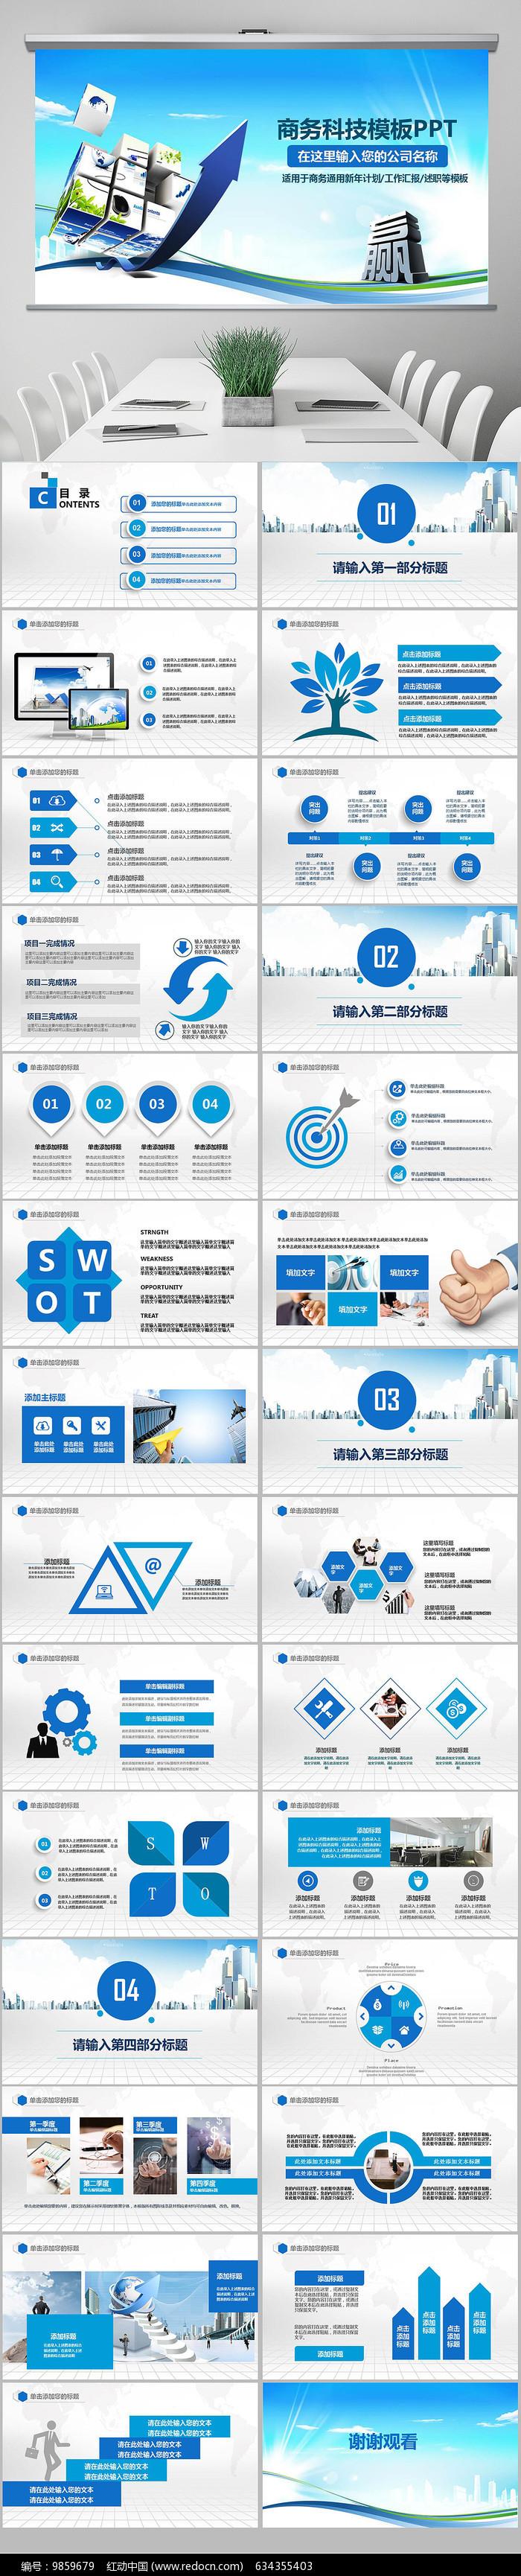 蓝色科技唯美创意通用PPT图片